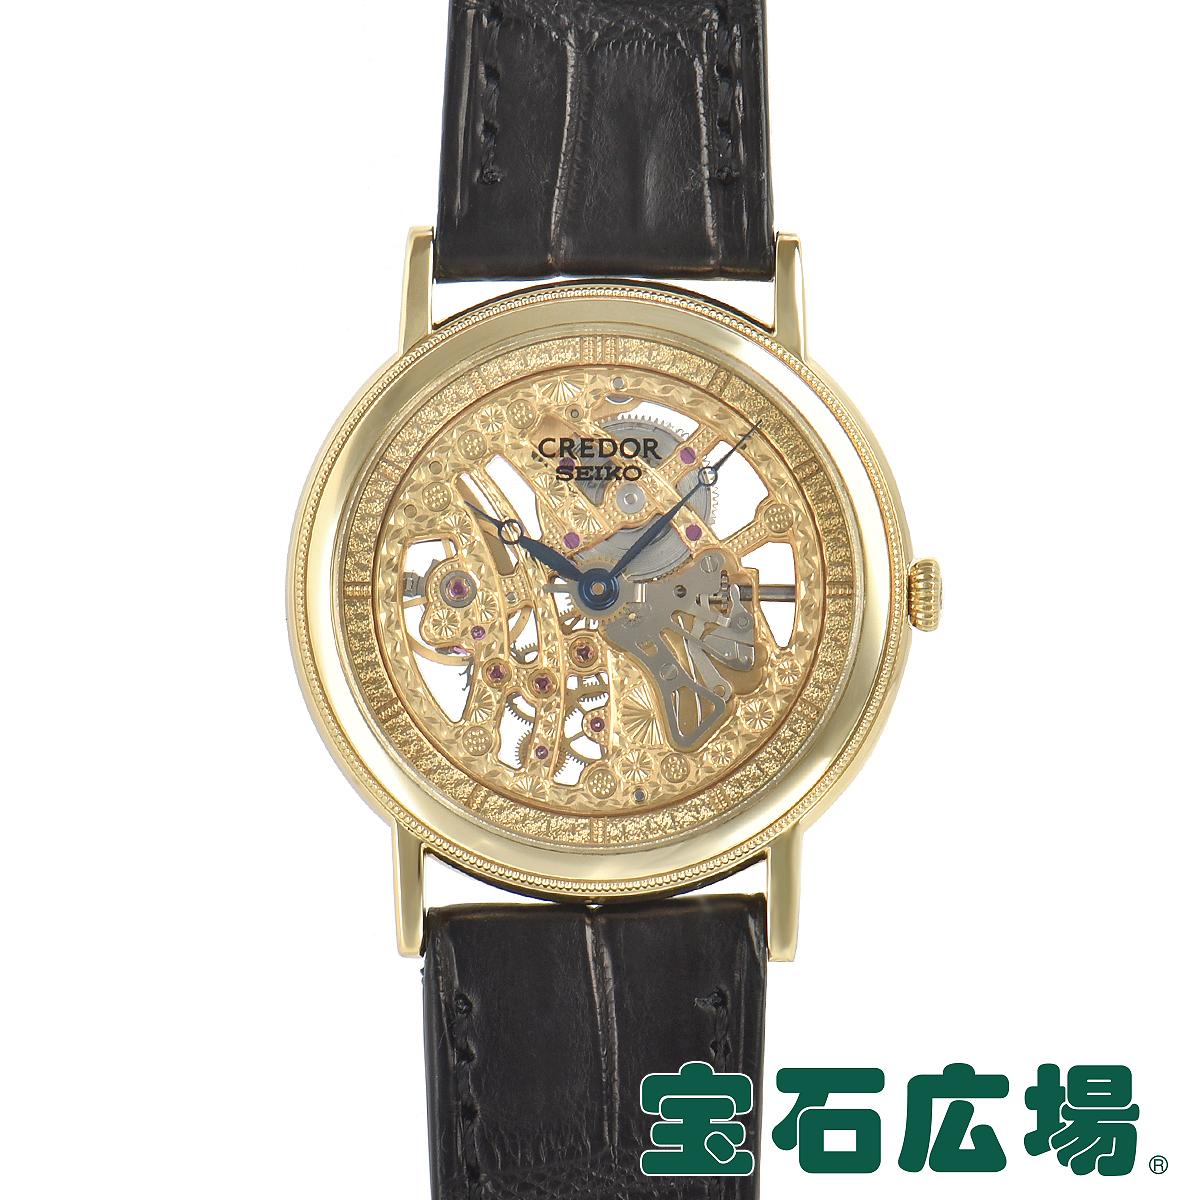 セイコー SEIKO クレドール GBBD998 6899-A268【中古】メンズ 腕時計 送料無料